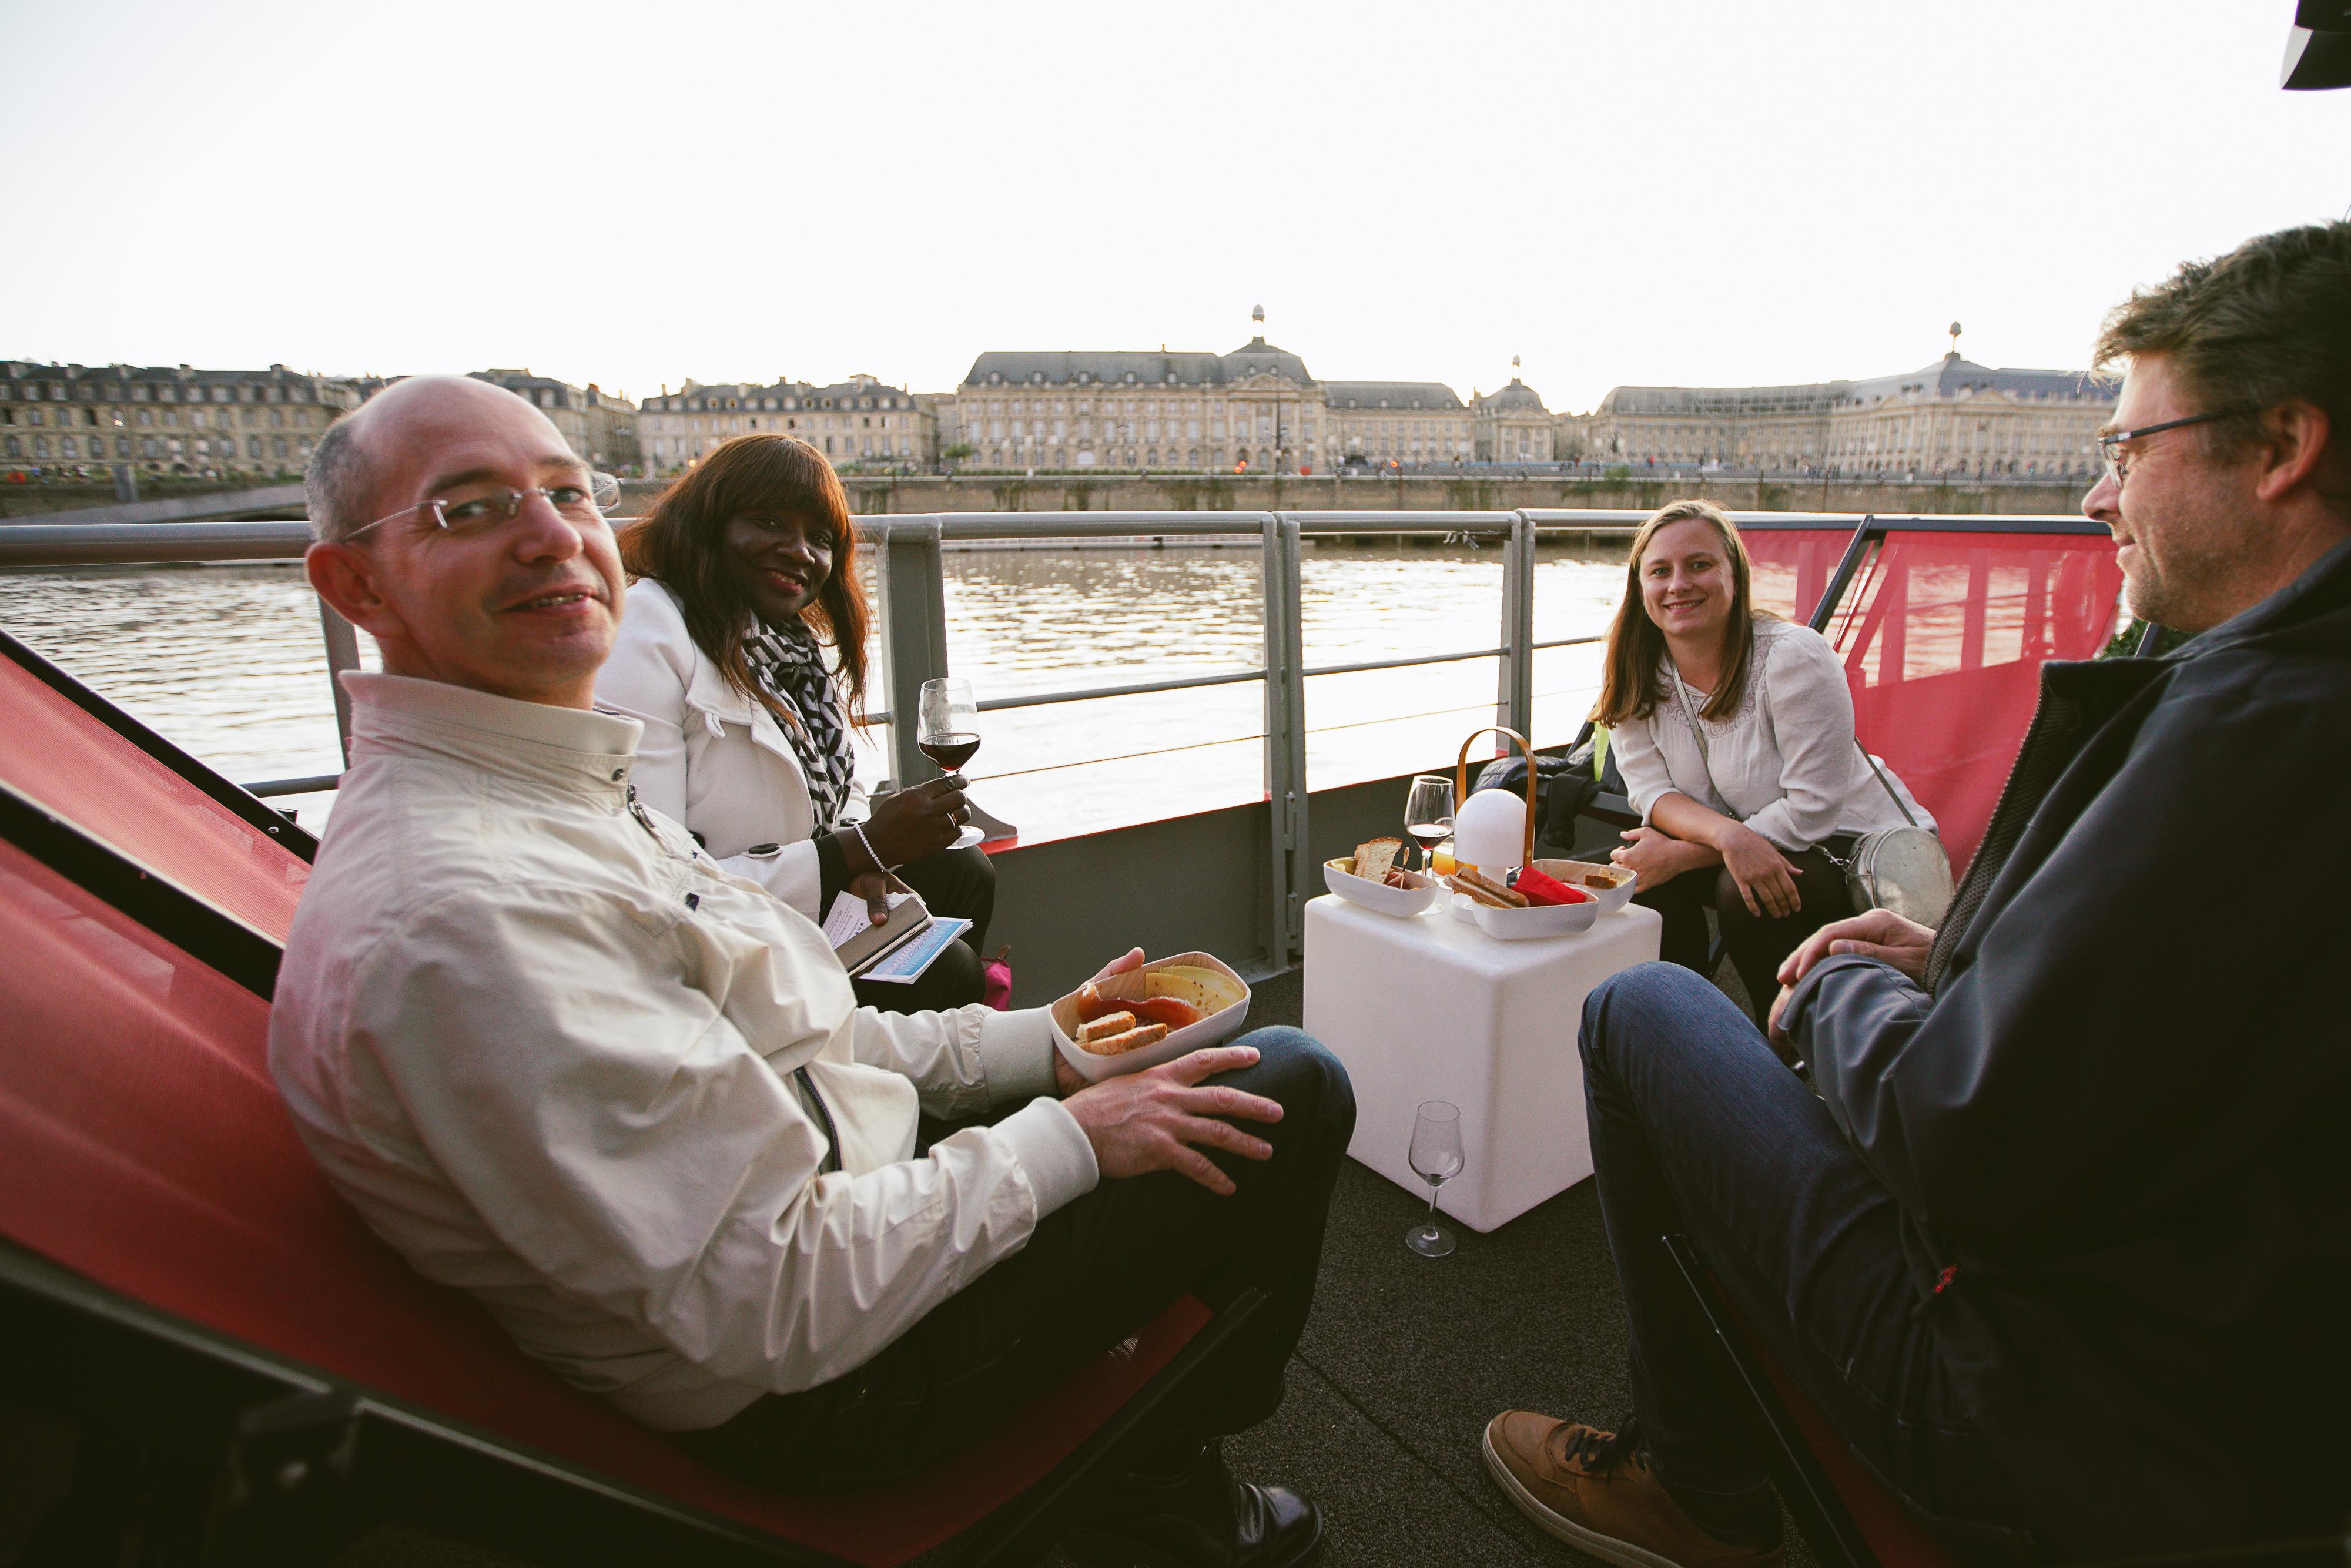 Afterwork_River_Cruise_sur_le_Sicambre_Photographe_d_evenements corporate_christophe_boury_www.photographe-33.fr_HD_A7R04093